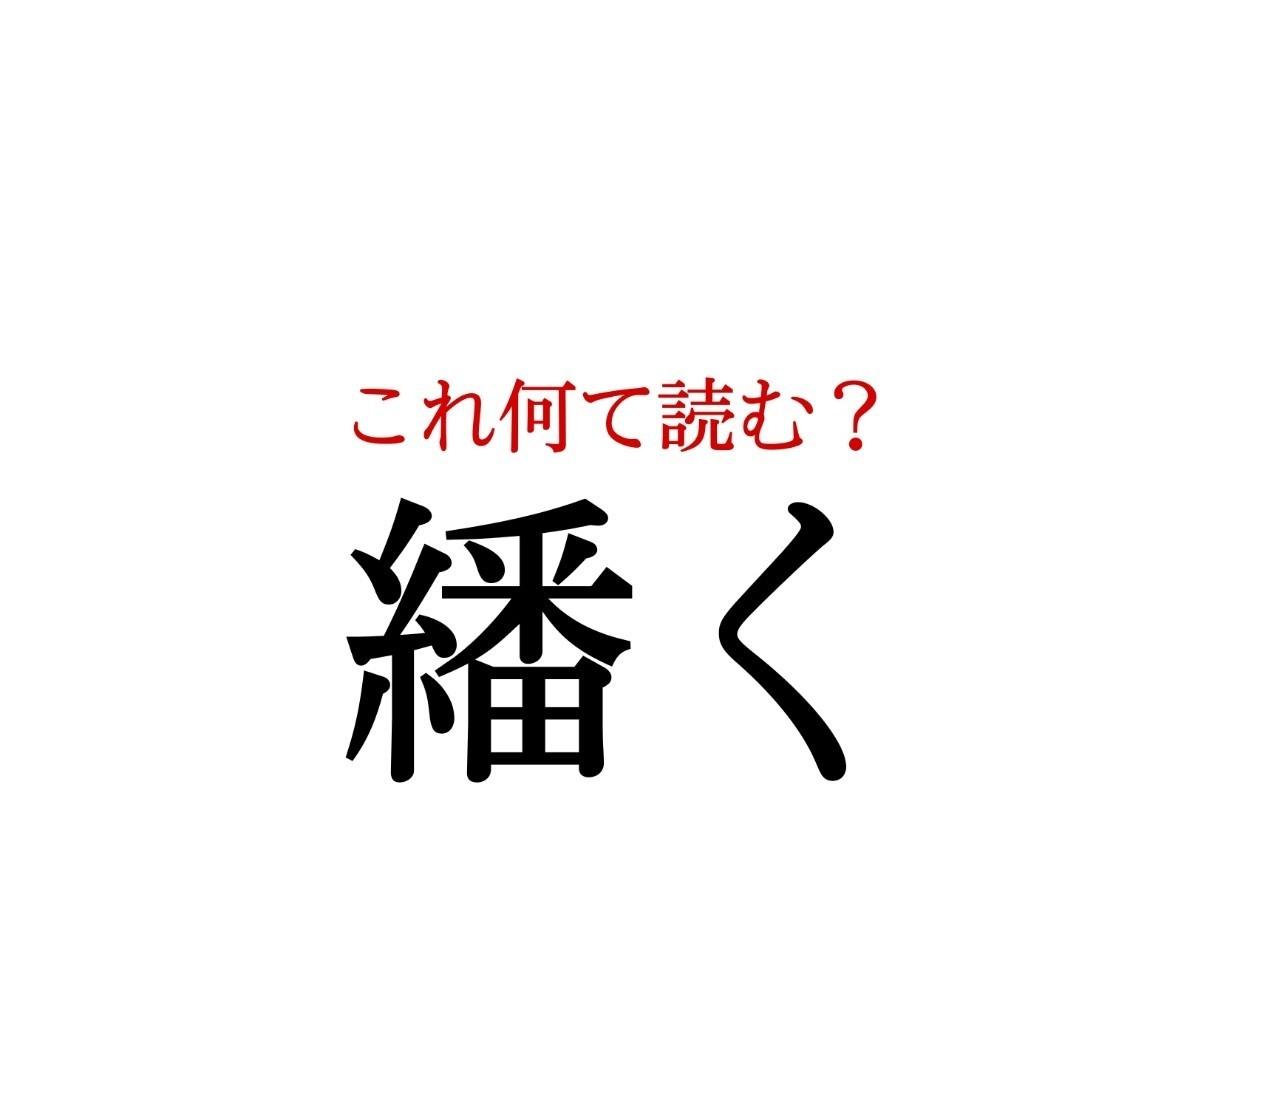 「繙く」:この漢字、自信を持って読めますか?【働く大人の漢字クイズvol.249】